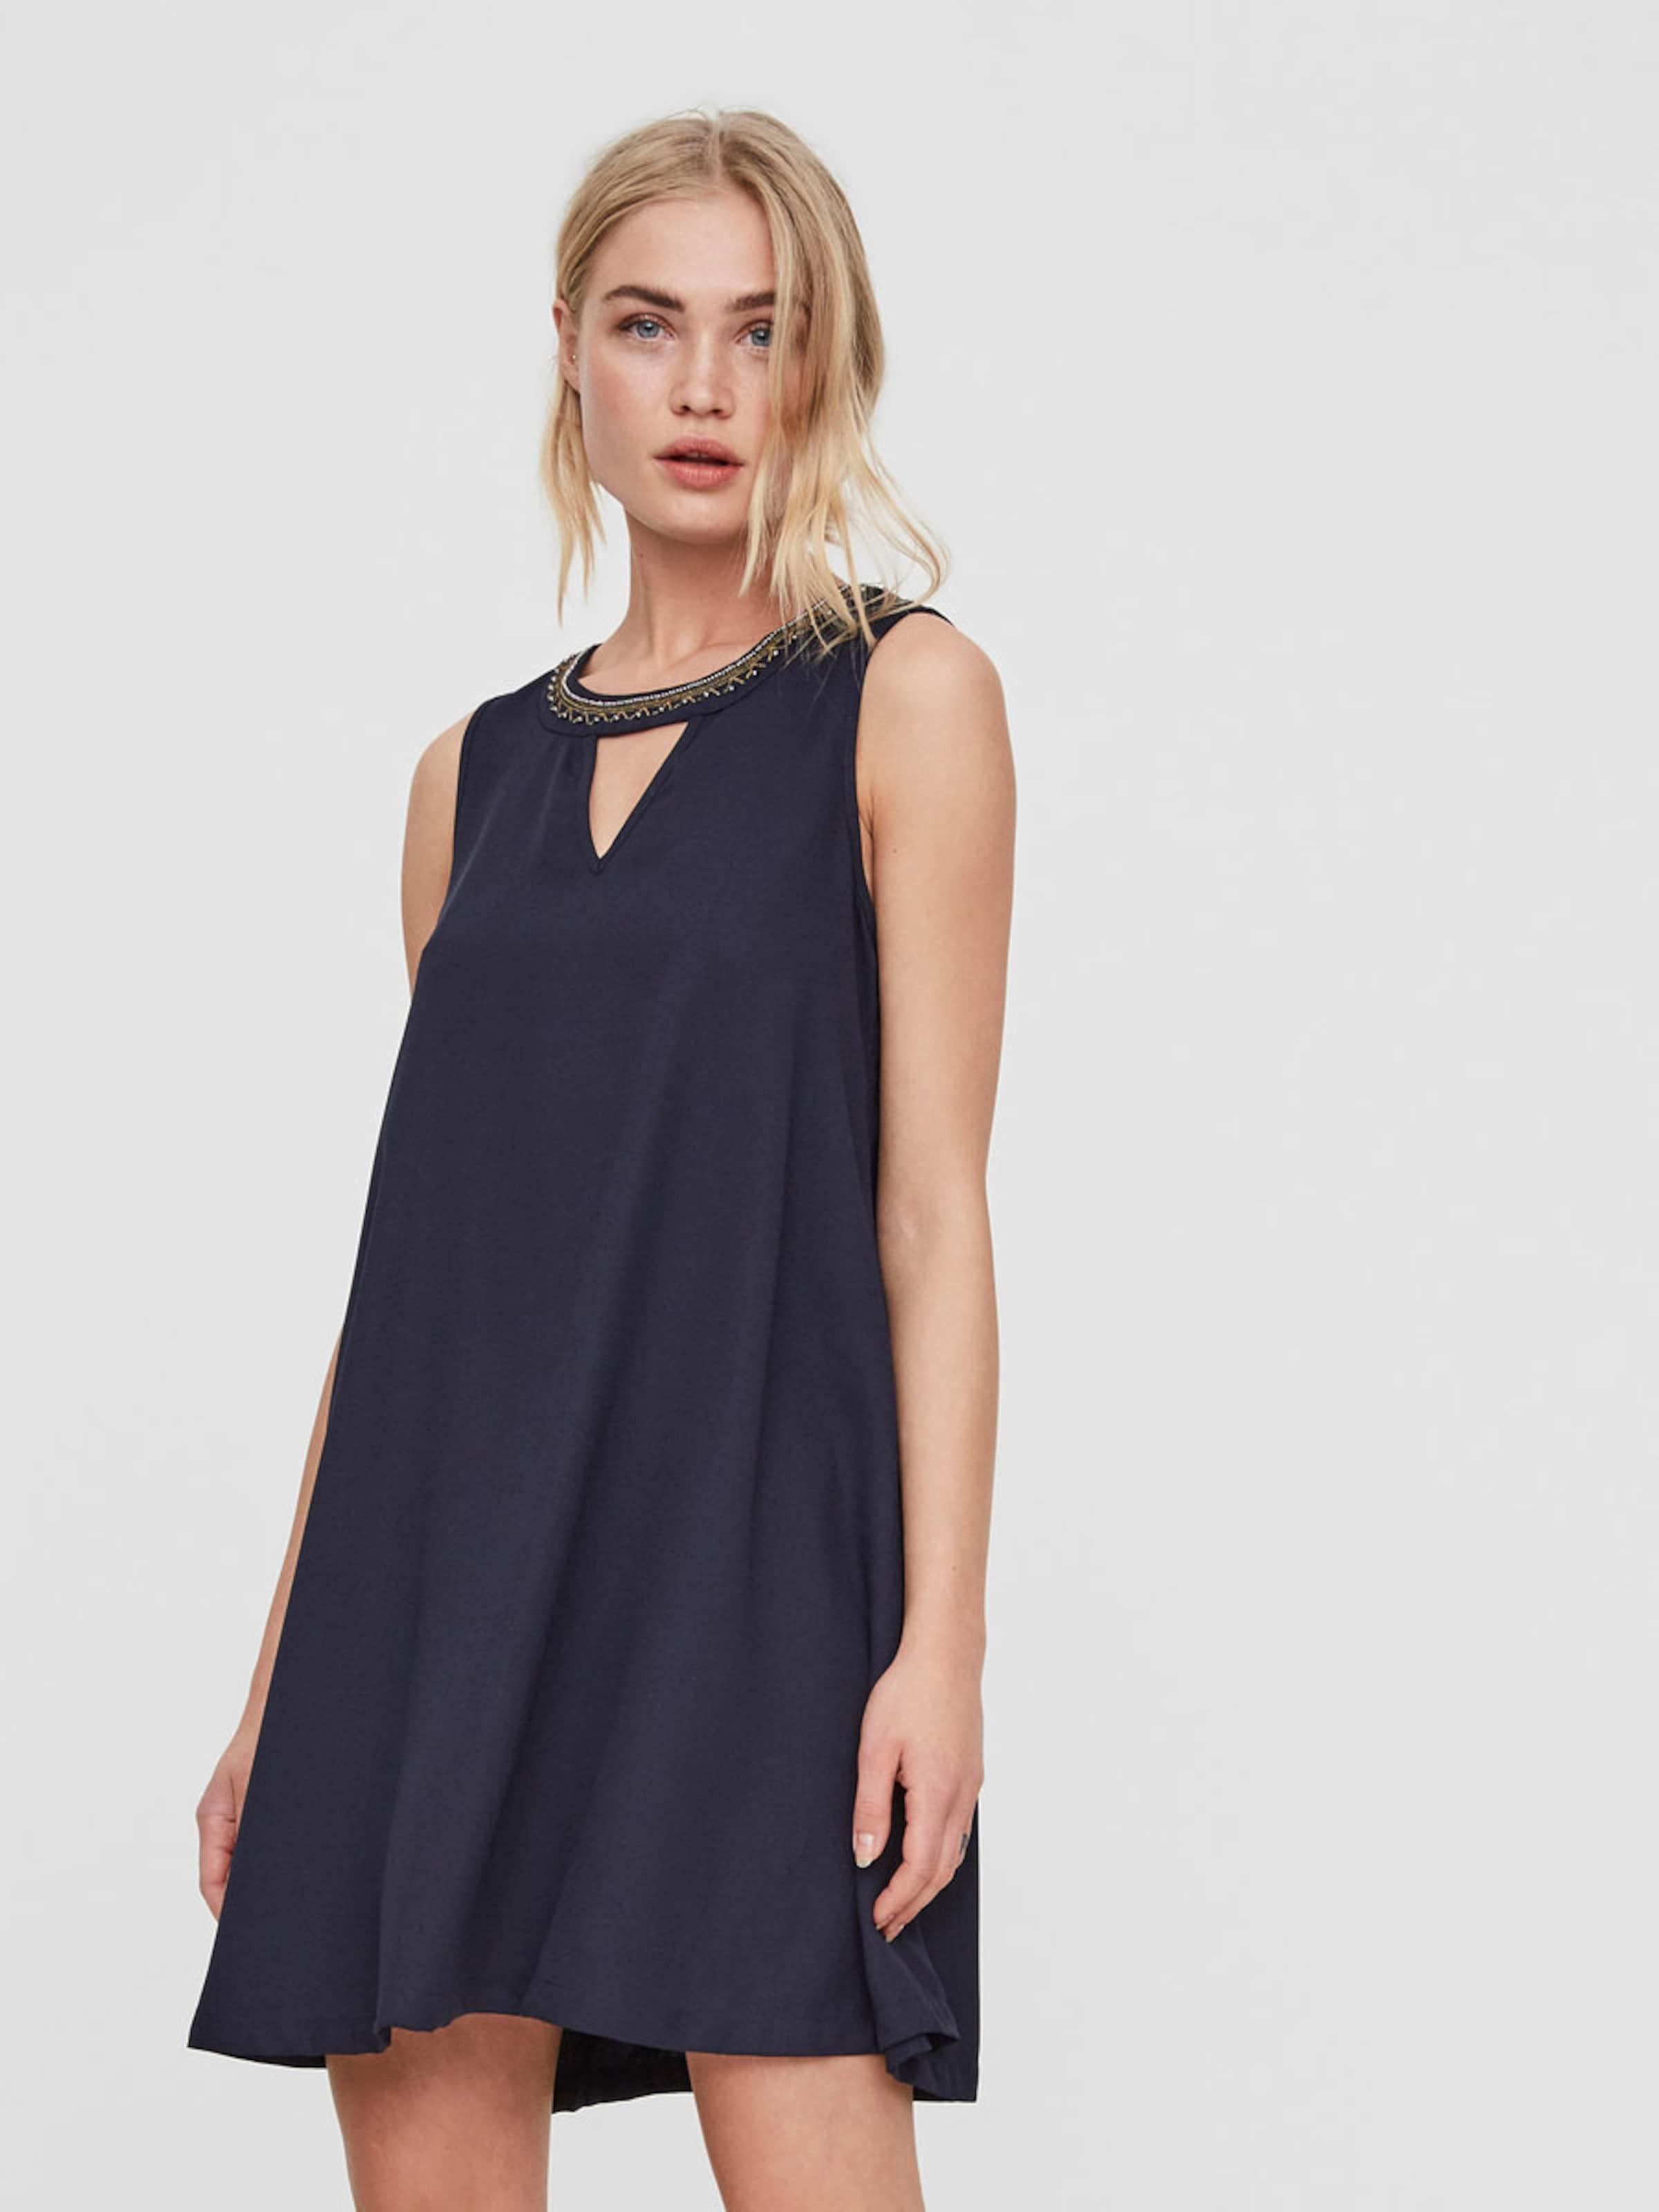 VERO MODA Detailreiches Kleid ohne Ärmel Online-Shopping Mit Mastercard Rabatt Extrem Footlocker Abbildungen Günstigen Preis IpJWNo